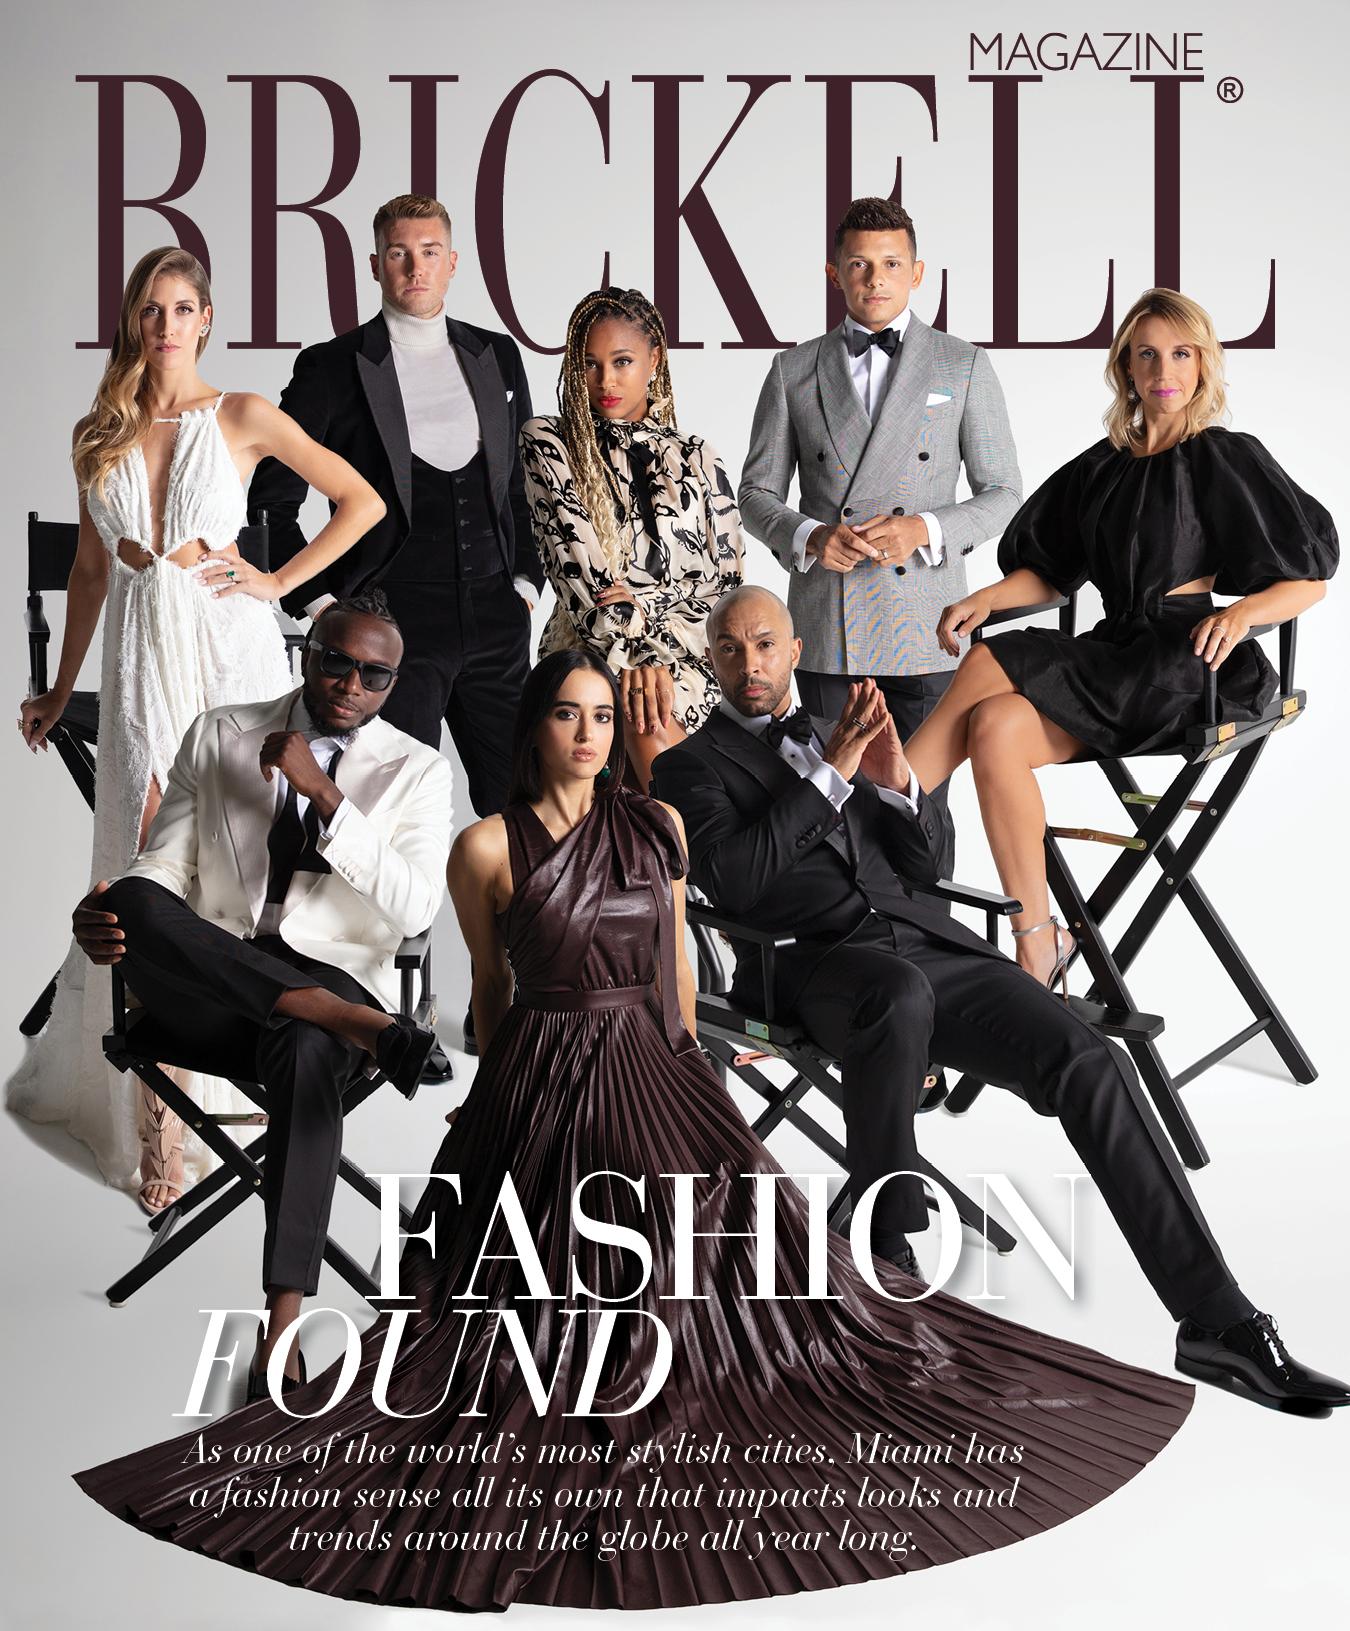 Brickell Magazine November 2020 cover star Miami Blogger Ria Michelle